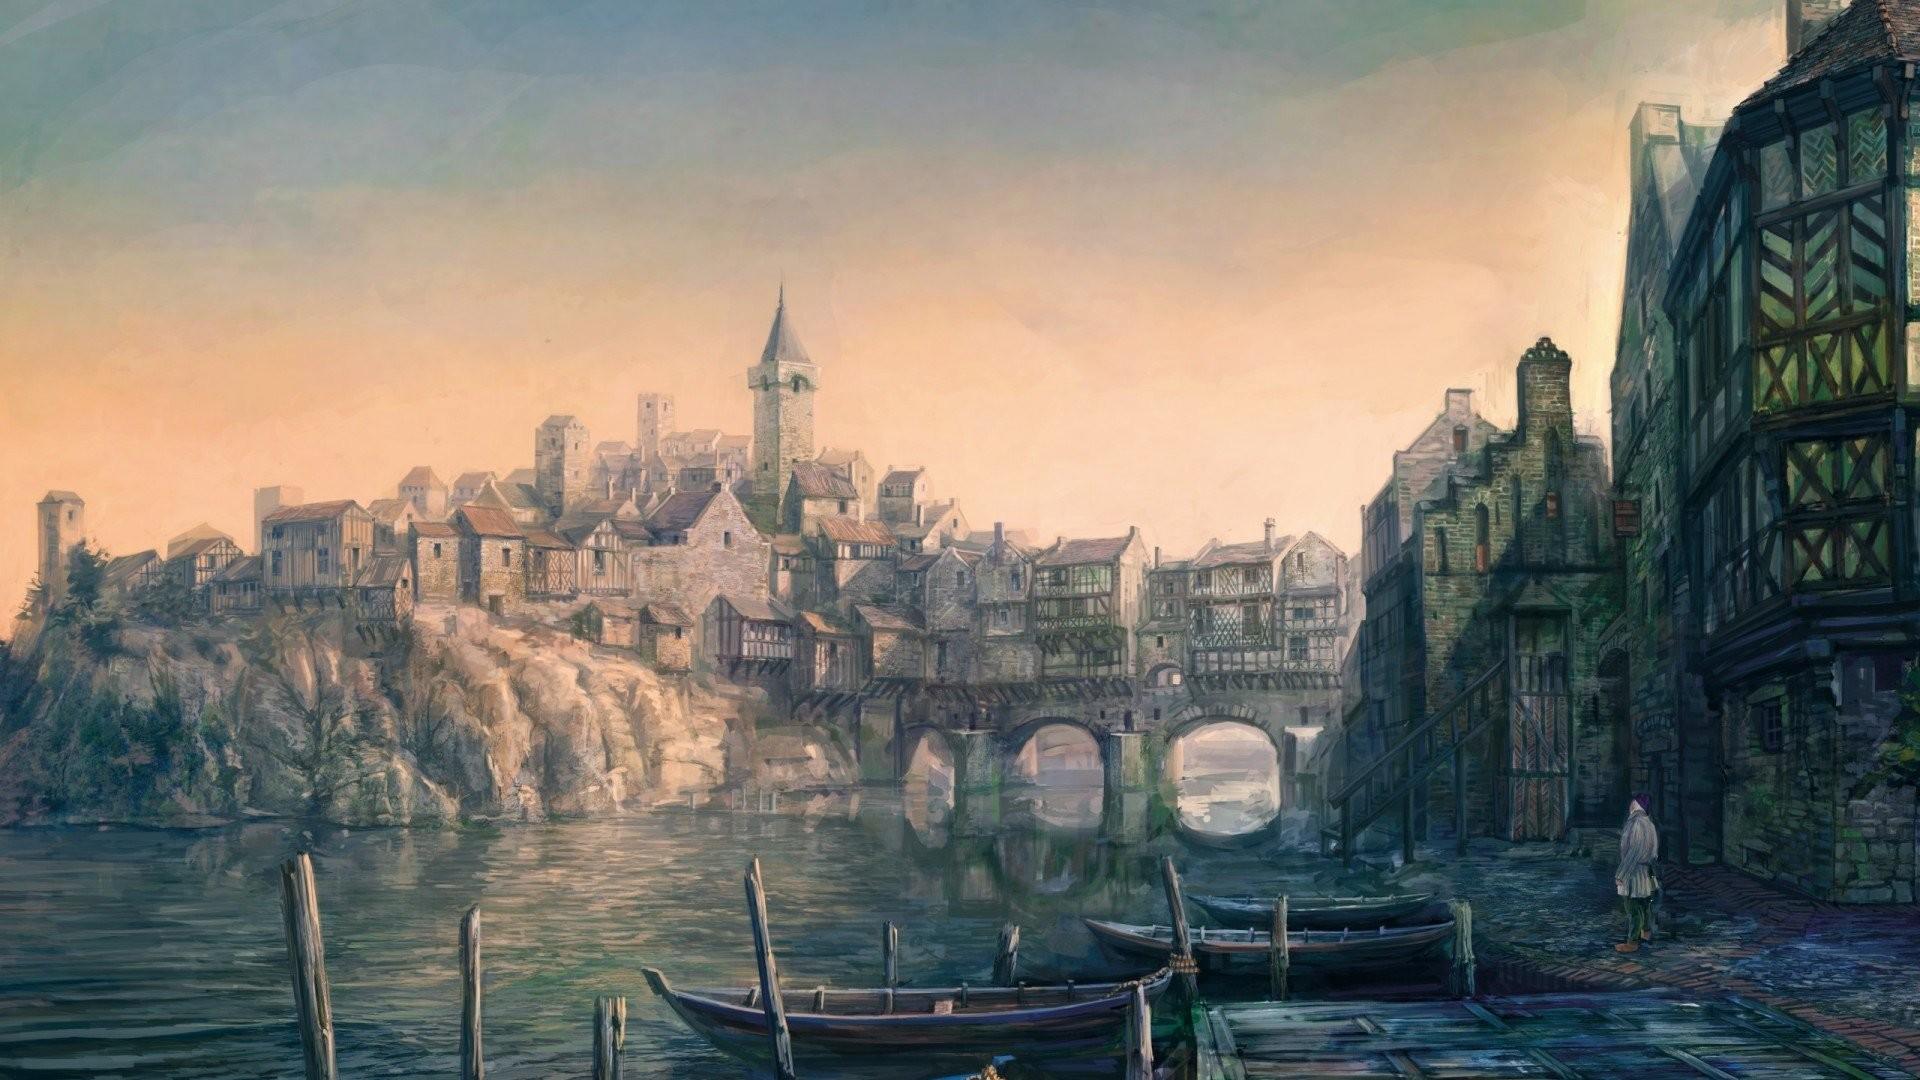 Witcher 3 Artwork …